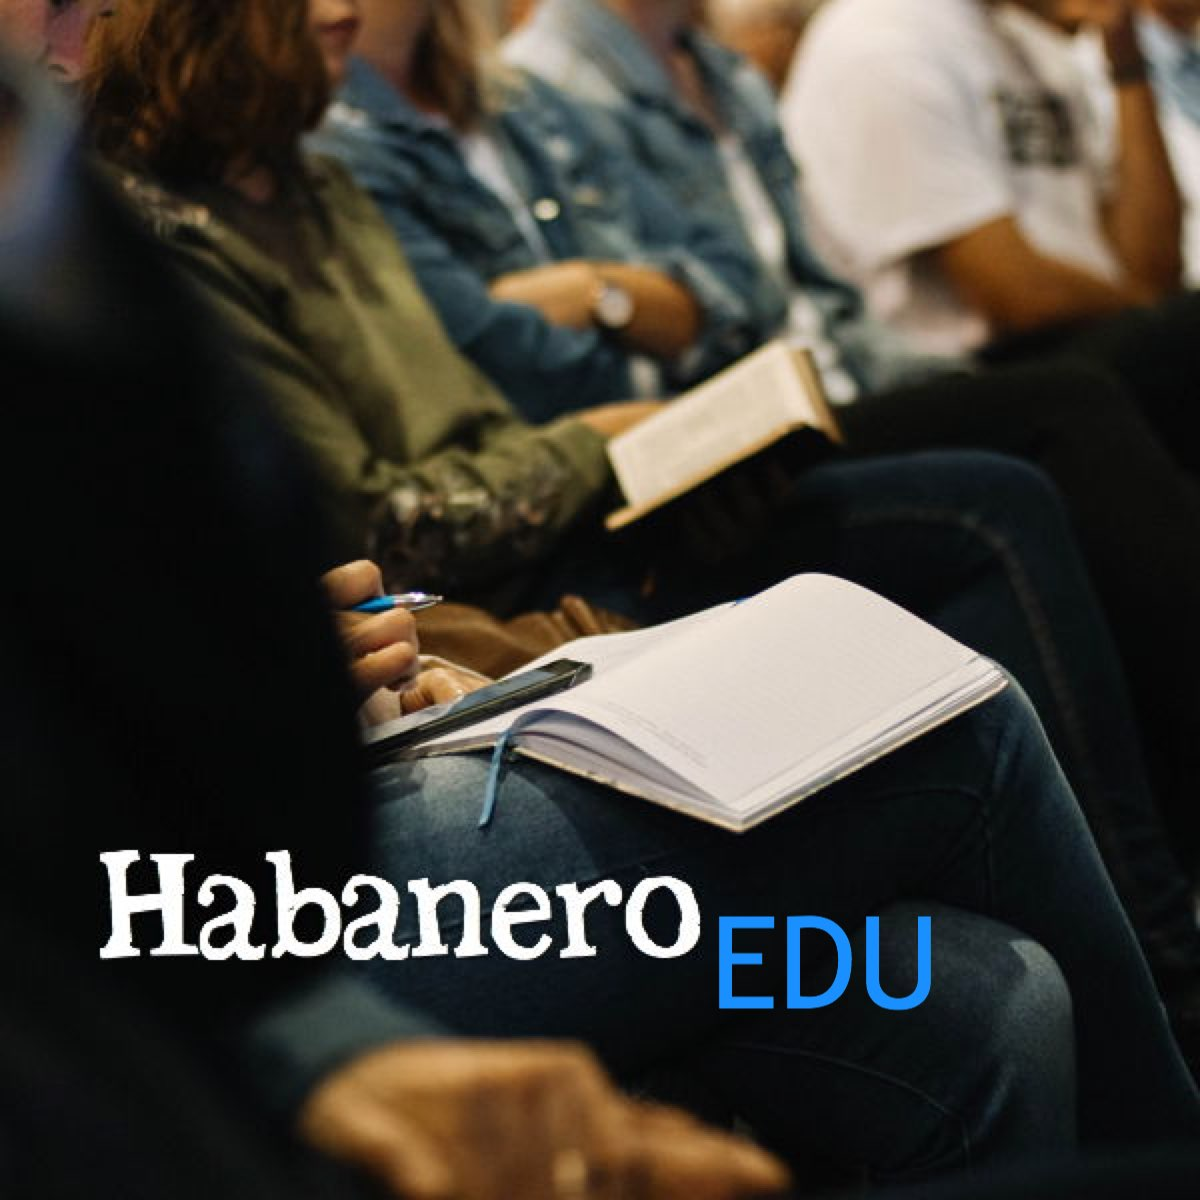 Habanero EDU